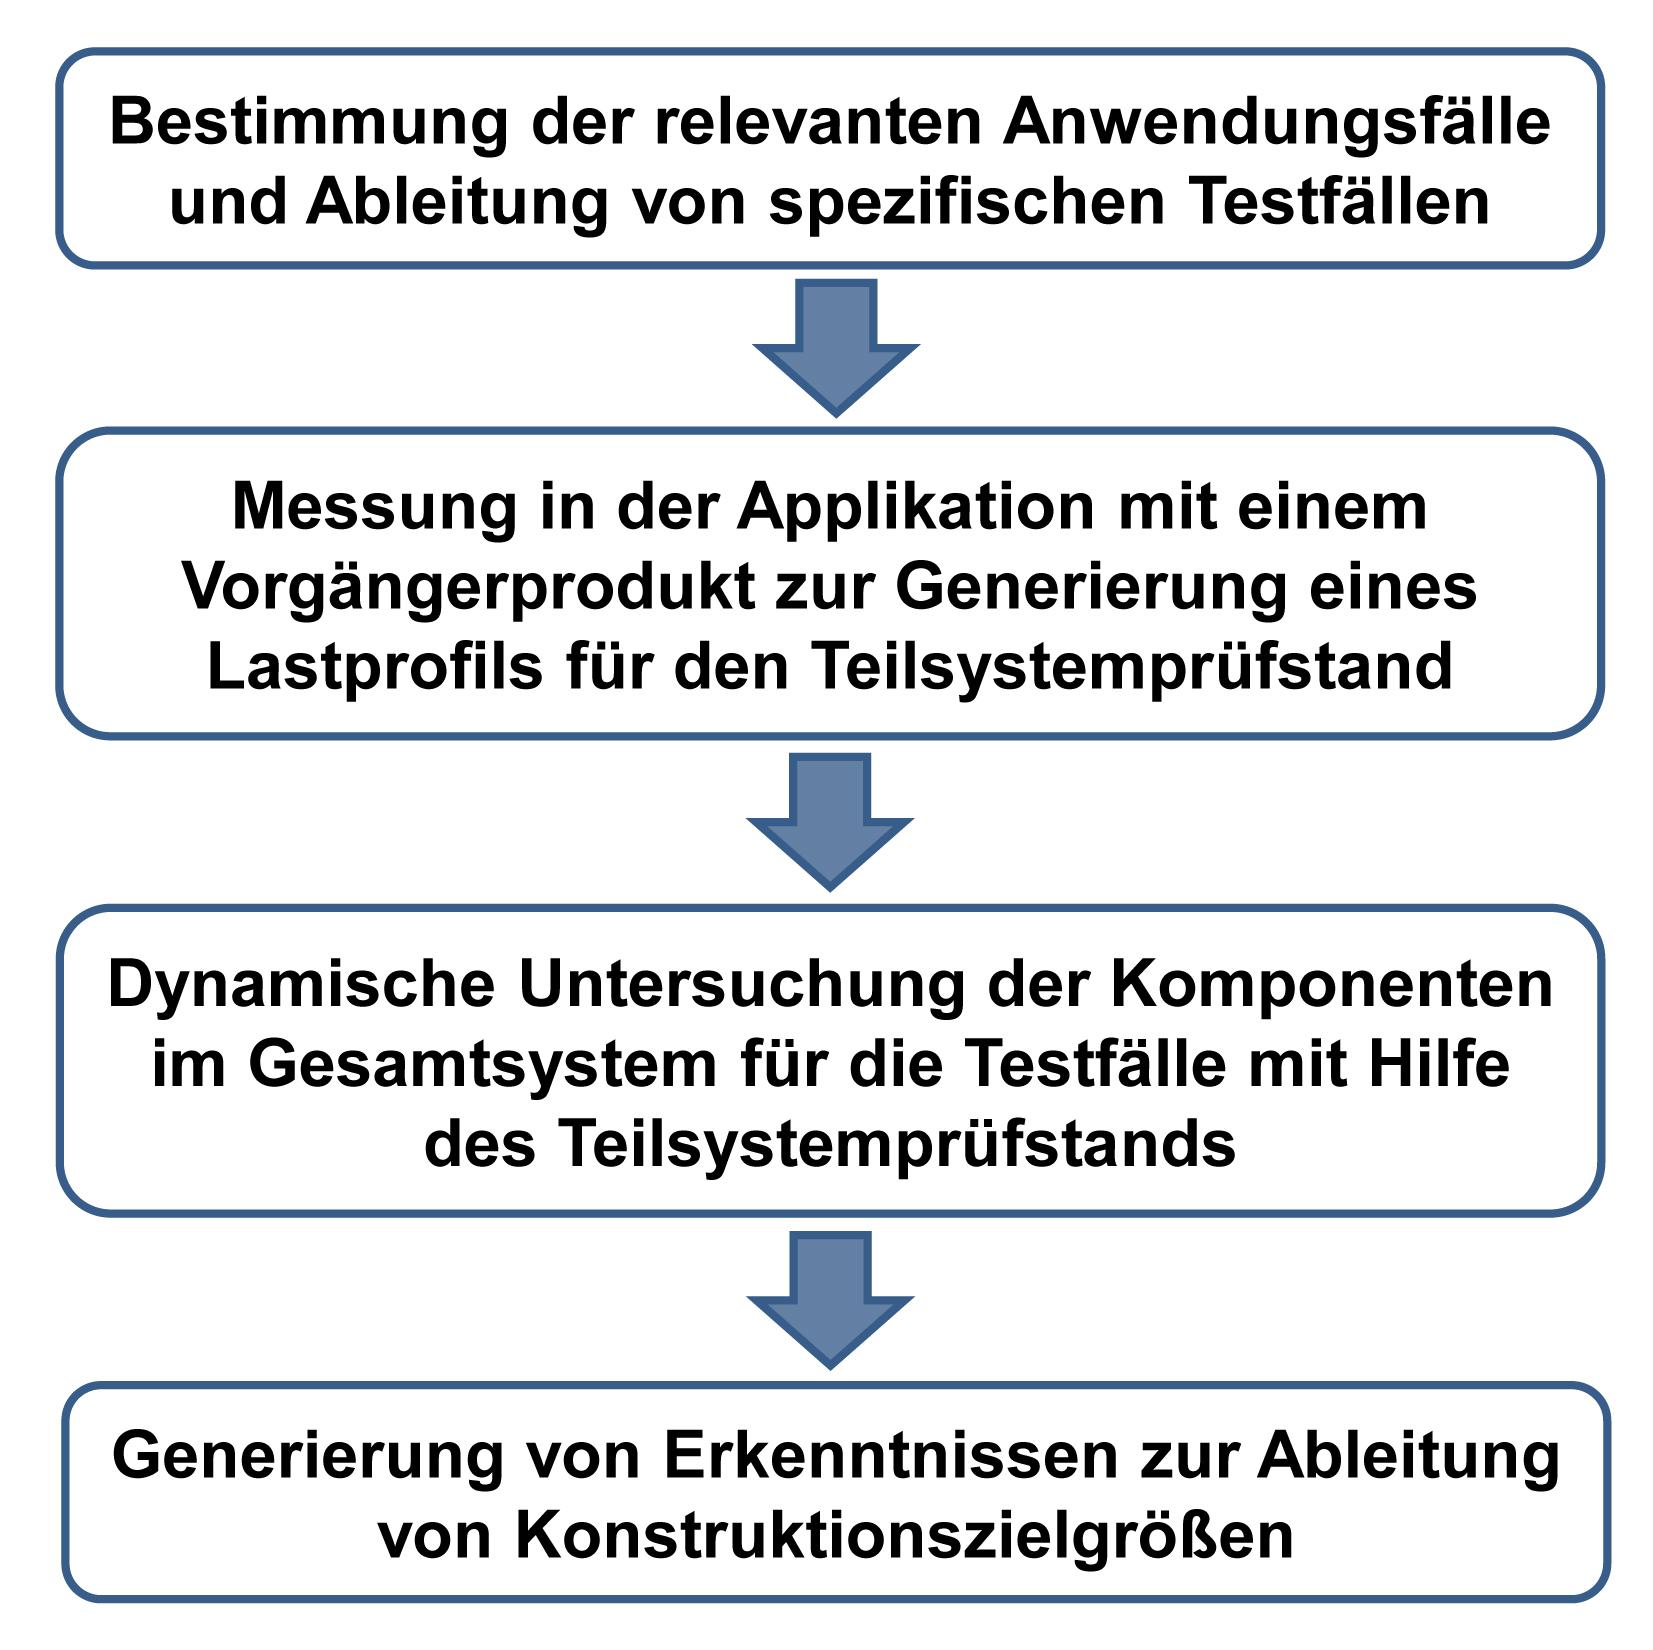 Bild 2: Methode zur Generierung von Erkenntnissen zur Ableitung von Konstruktionszielgrößen mit Hilfe des Teilsystemprüfstands nach [12]. (Bild: Karlsruher Institut für Technologie KIT)